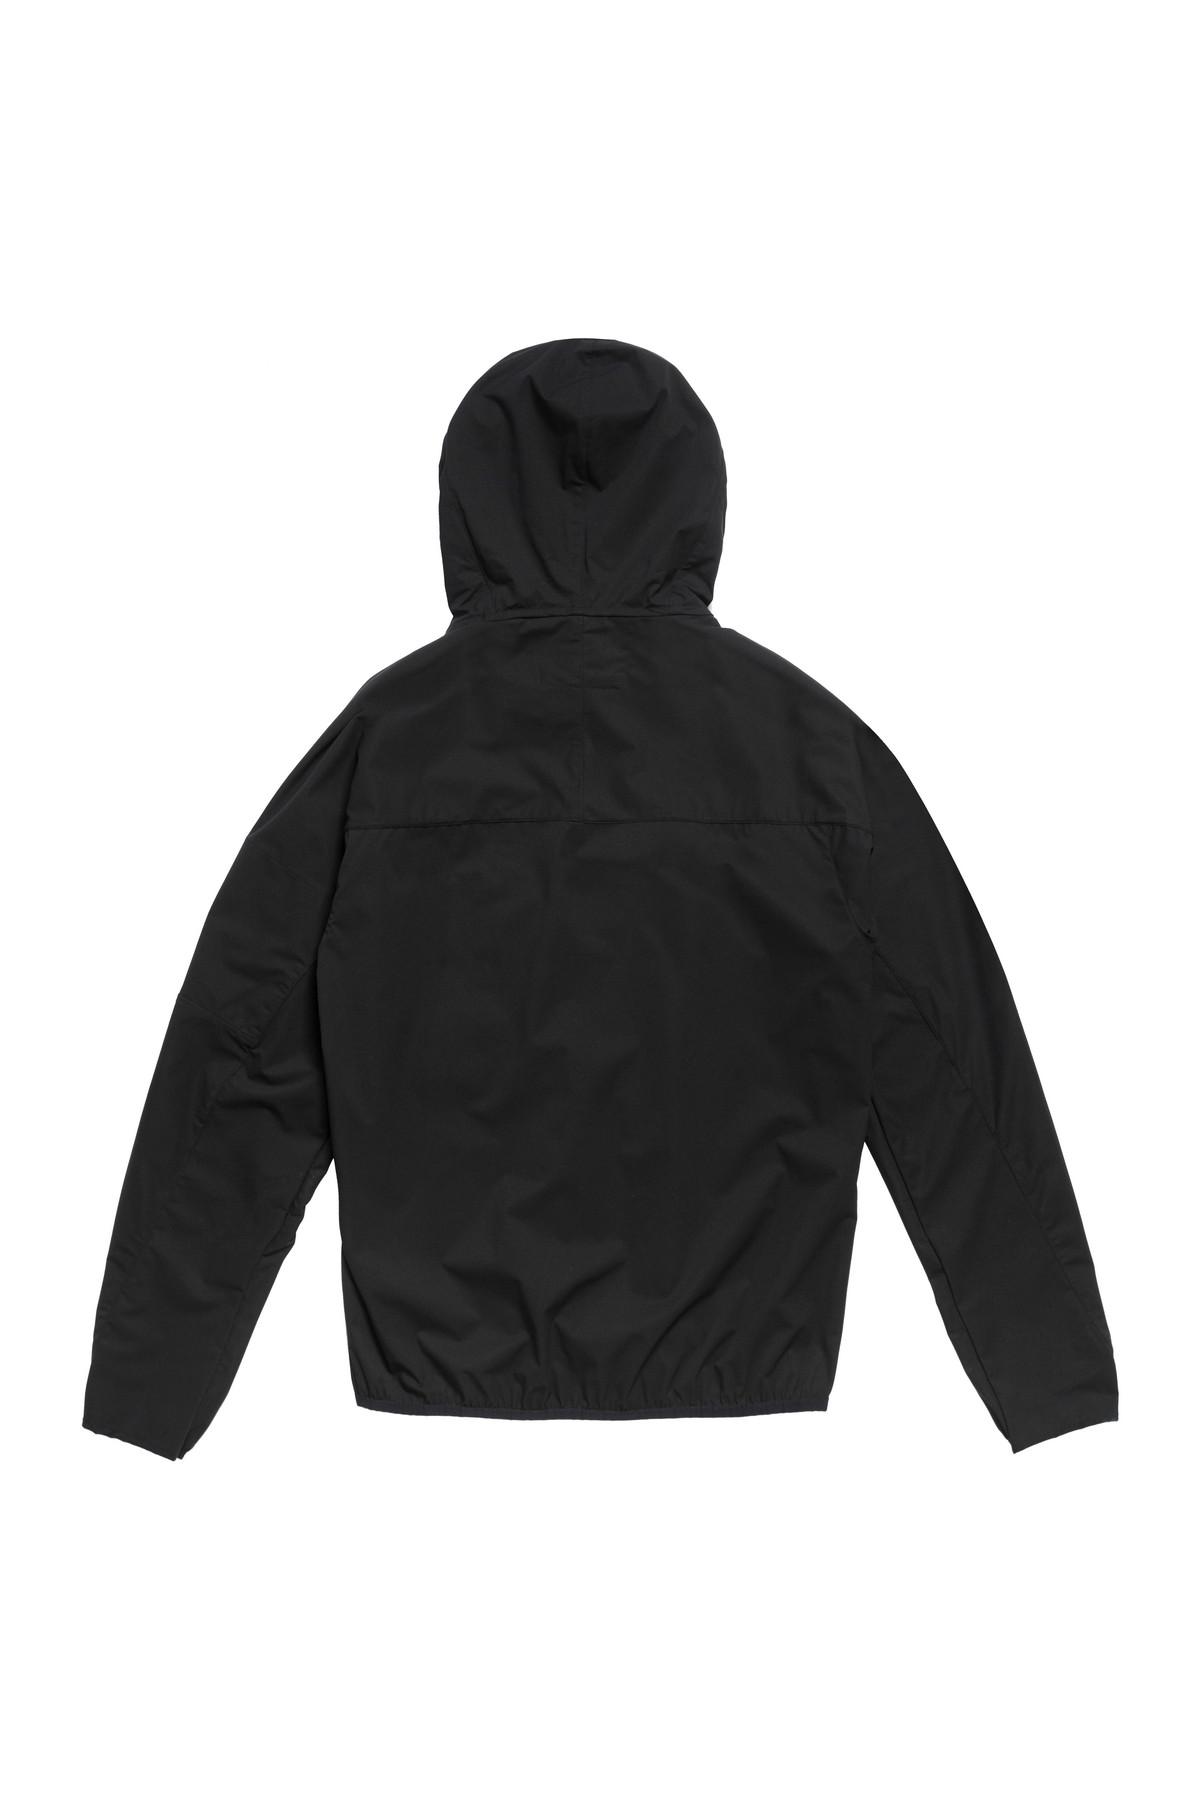 Куртка C.P. Company Pro-Tek Lens Jacket Black